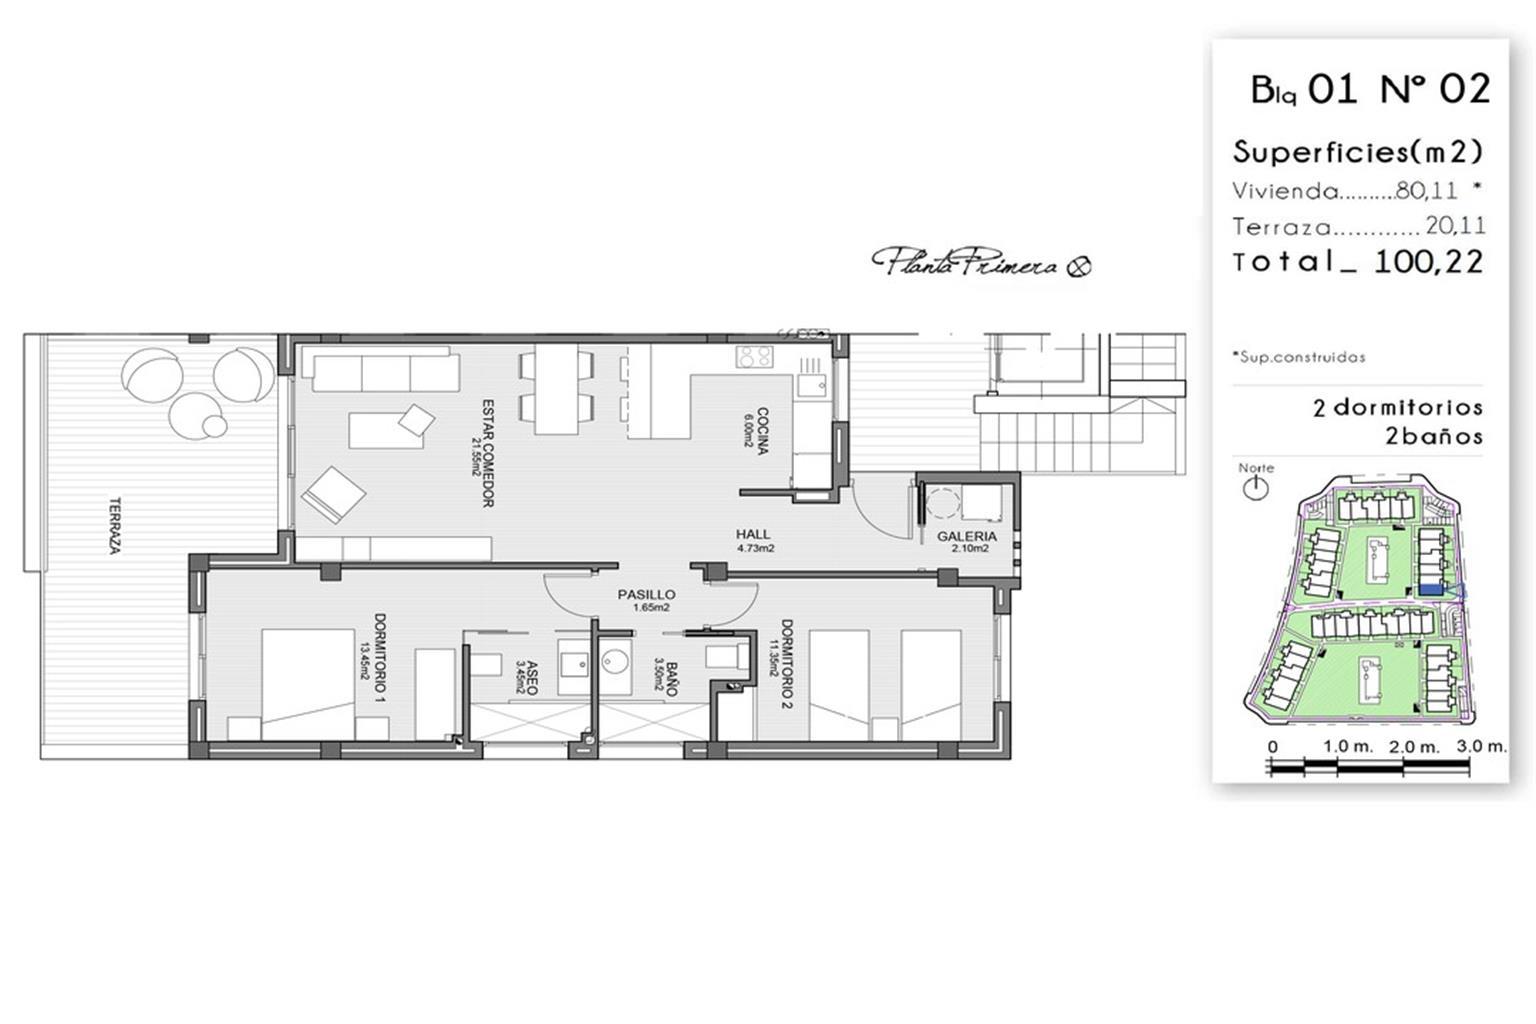 Appartement - El Raso  - #4230271-48